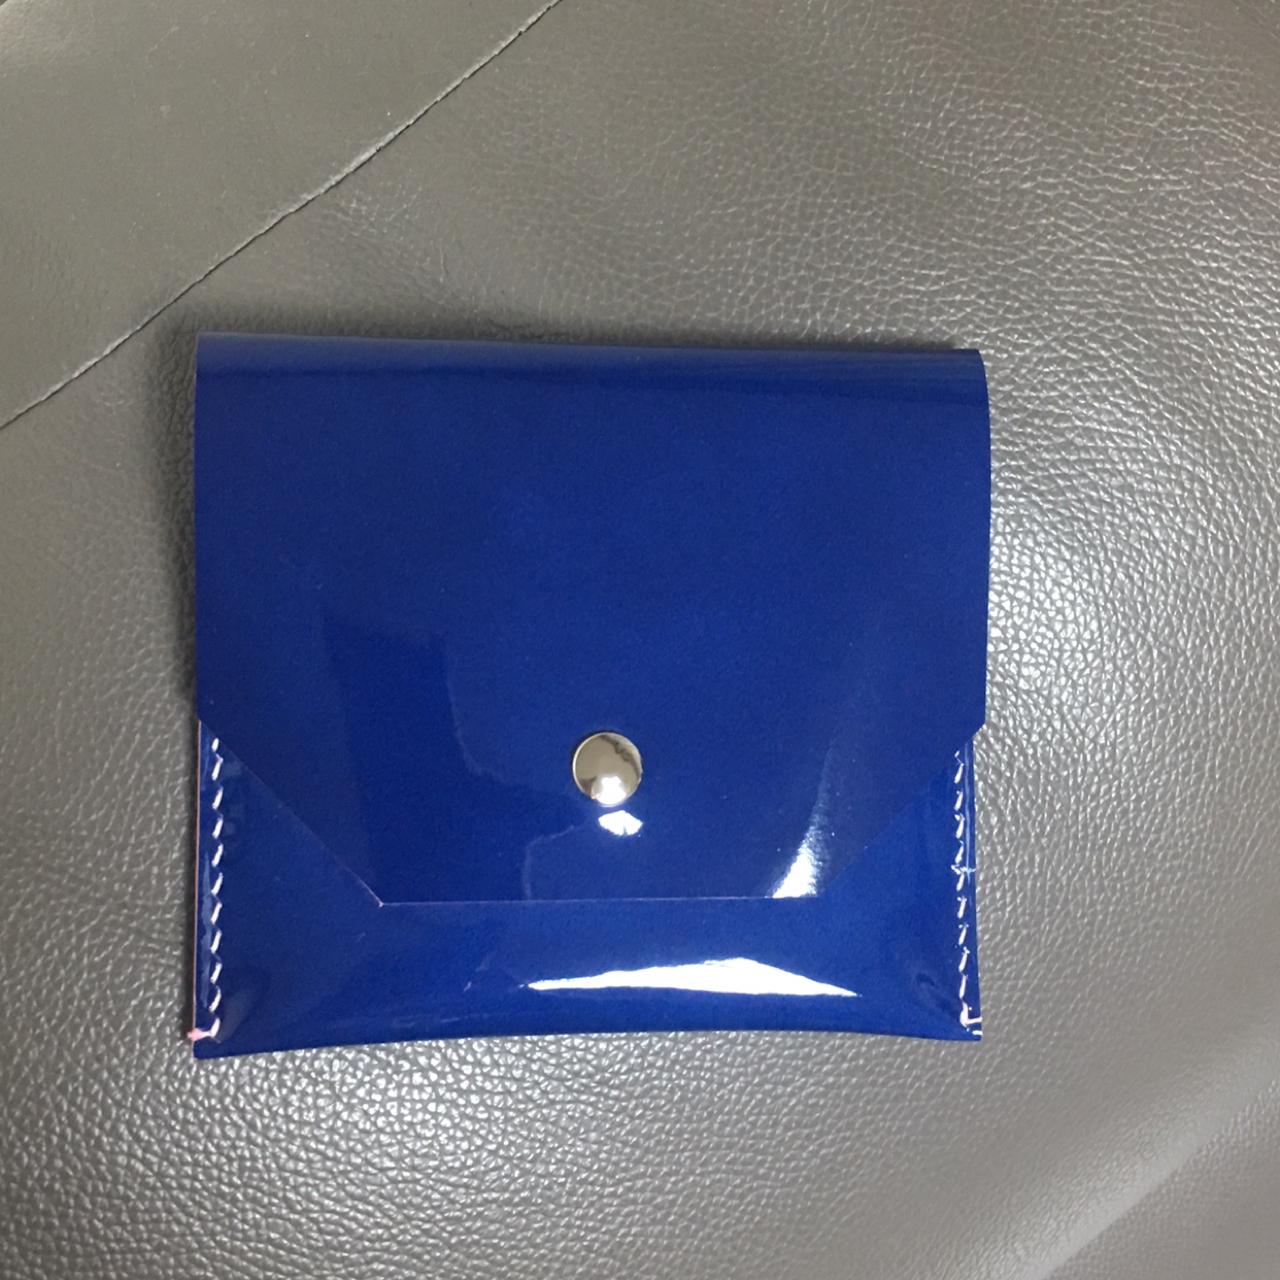 가죽공예 체험수업 : 카드 및 동전 겸용지갑